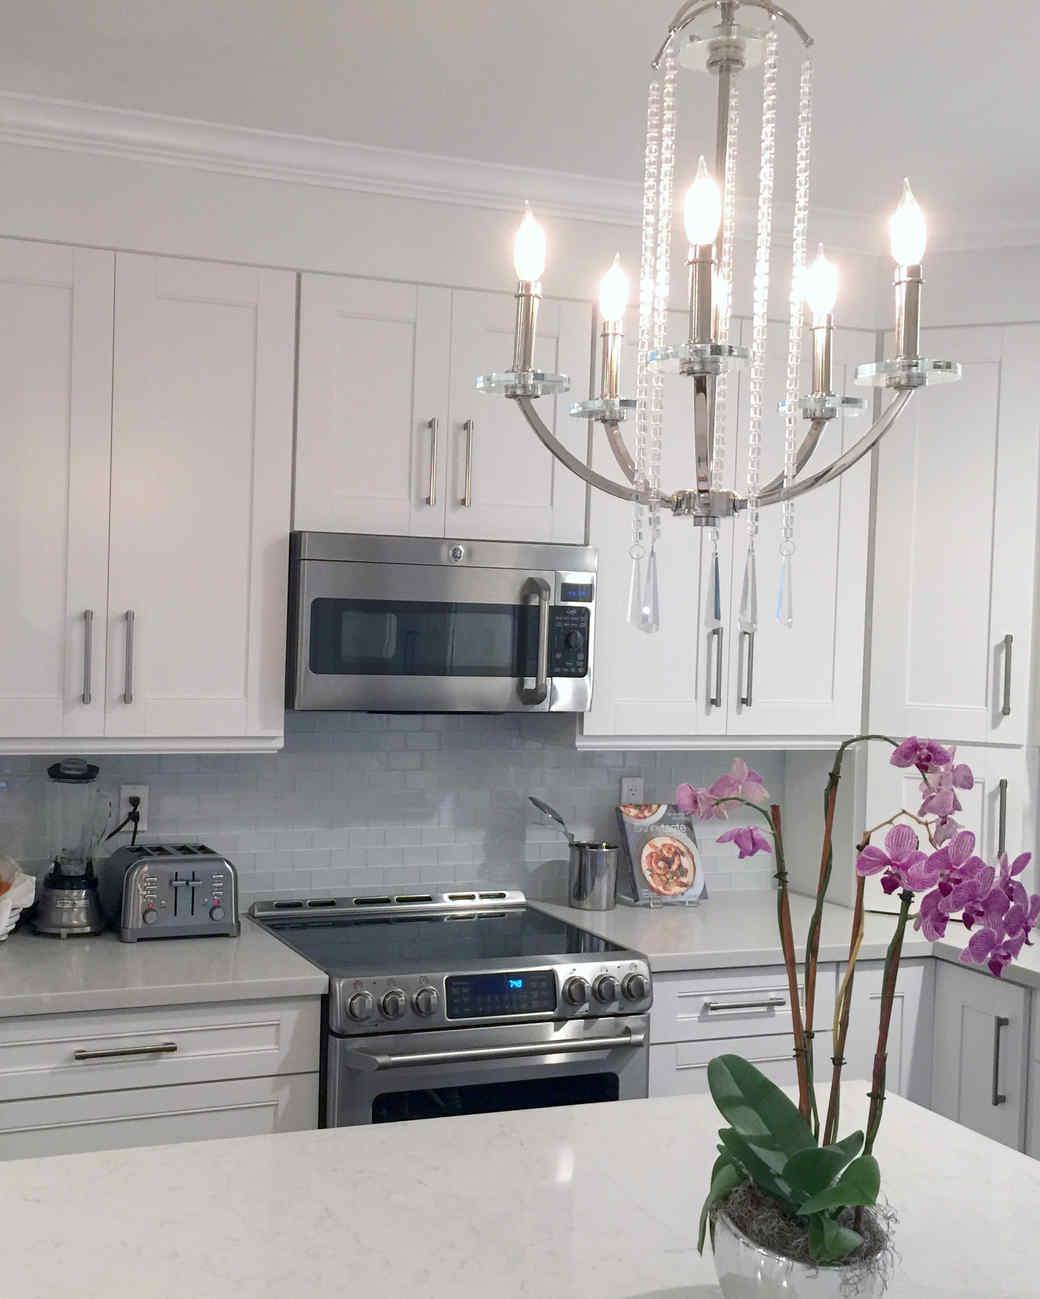 6 bright kitchen lighting ideas see how new fixtures totally rh marthastewart com bright kitchen light with fan bright kitchen light bulbs